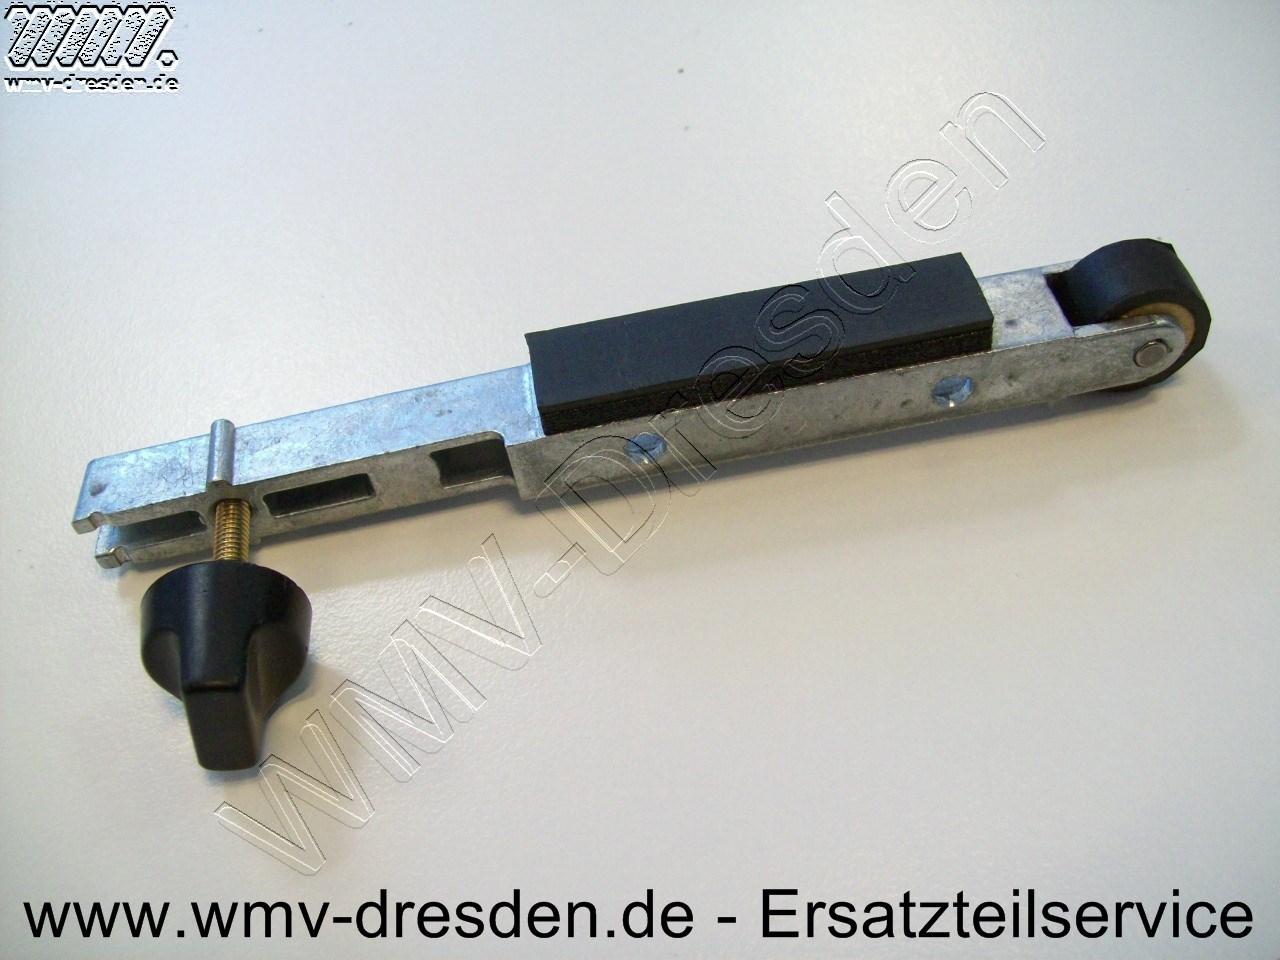 Arm, Breite 13 mm, Rollenbreite 9 mm, Länge 13 cm, inkl. Festellschraube und Gummiplatte 000821045